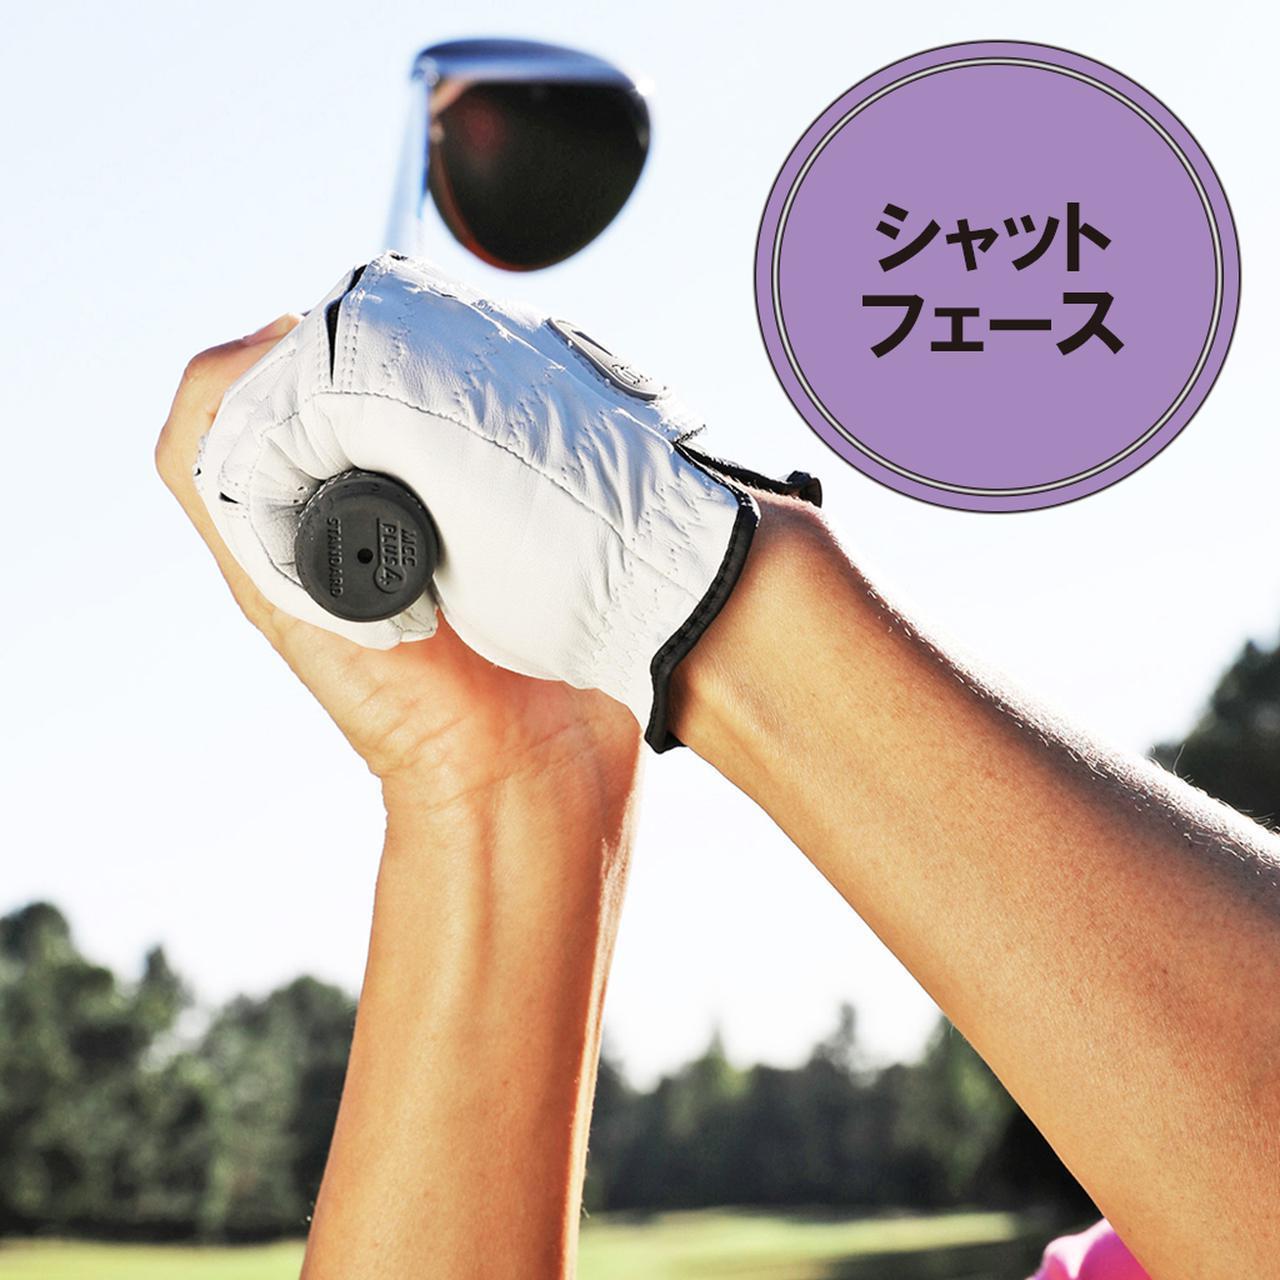 画像: 左手首を手のひら側に折る。フェース面が空を向き左手甲が丸い